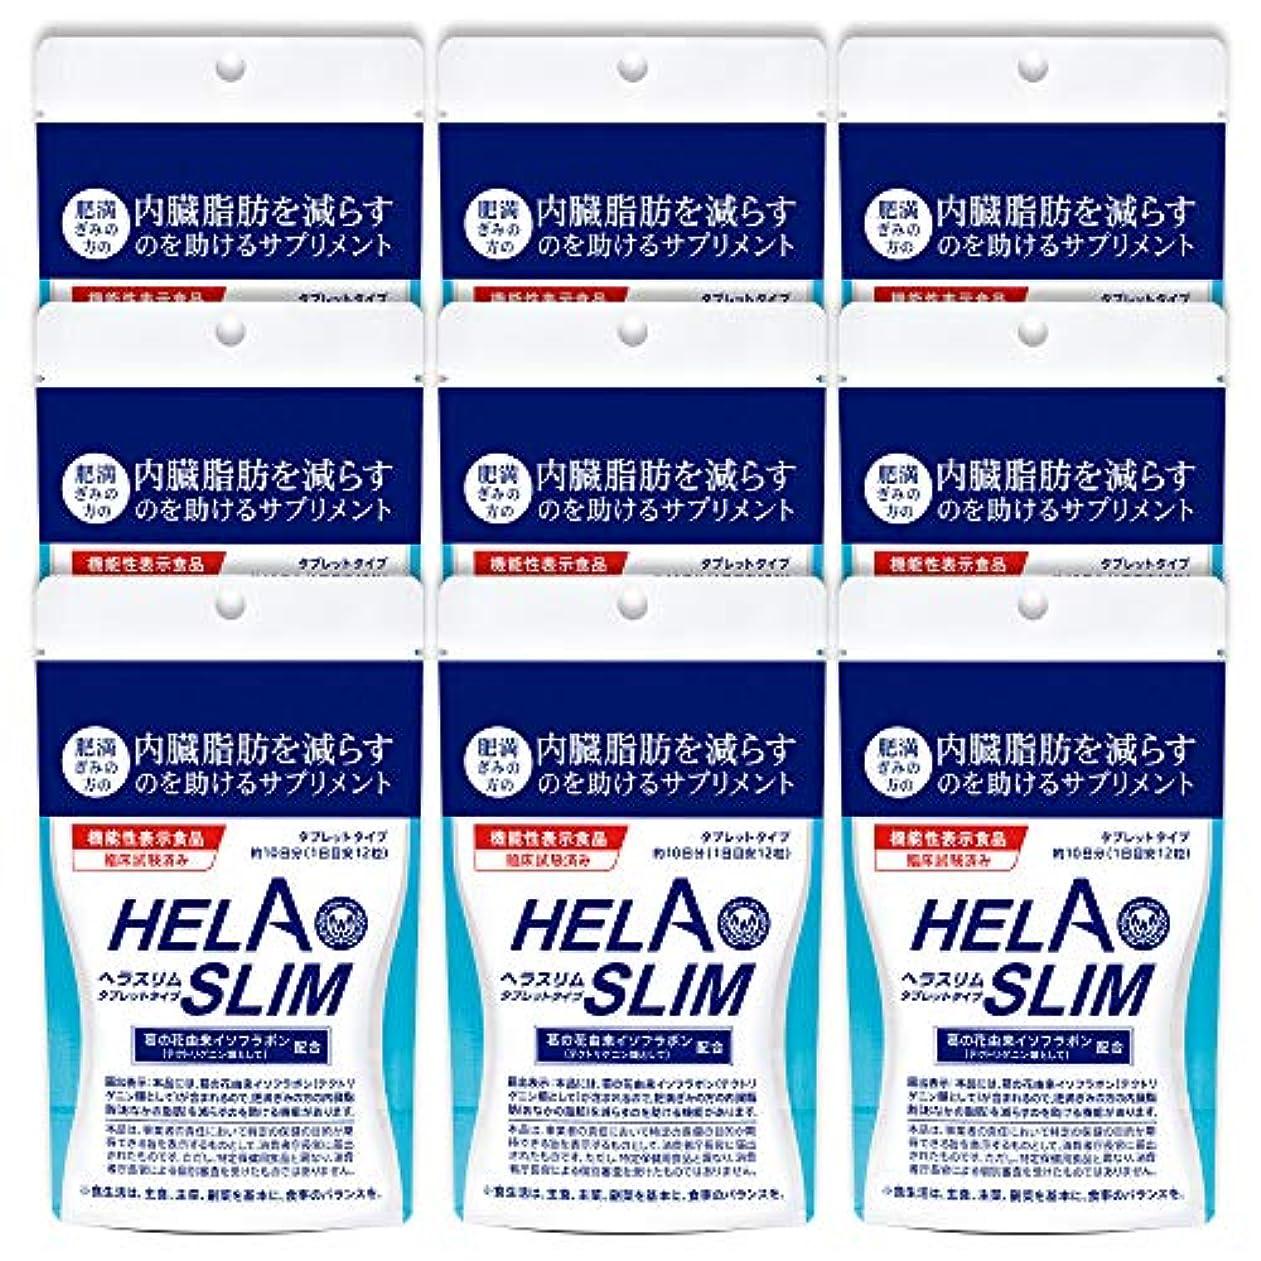 呼びかけるビリーボイラー【9袋セット】HELASLIM(120粒入り)アルミパック